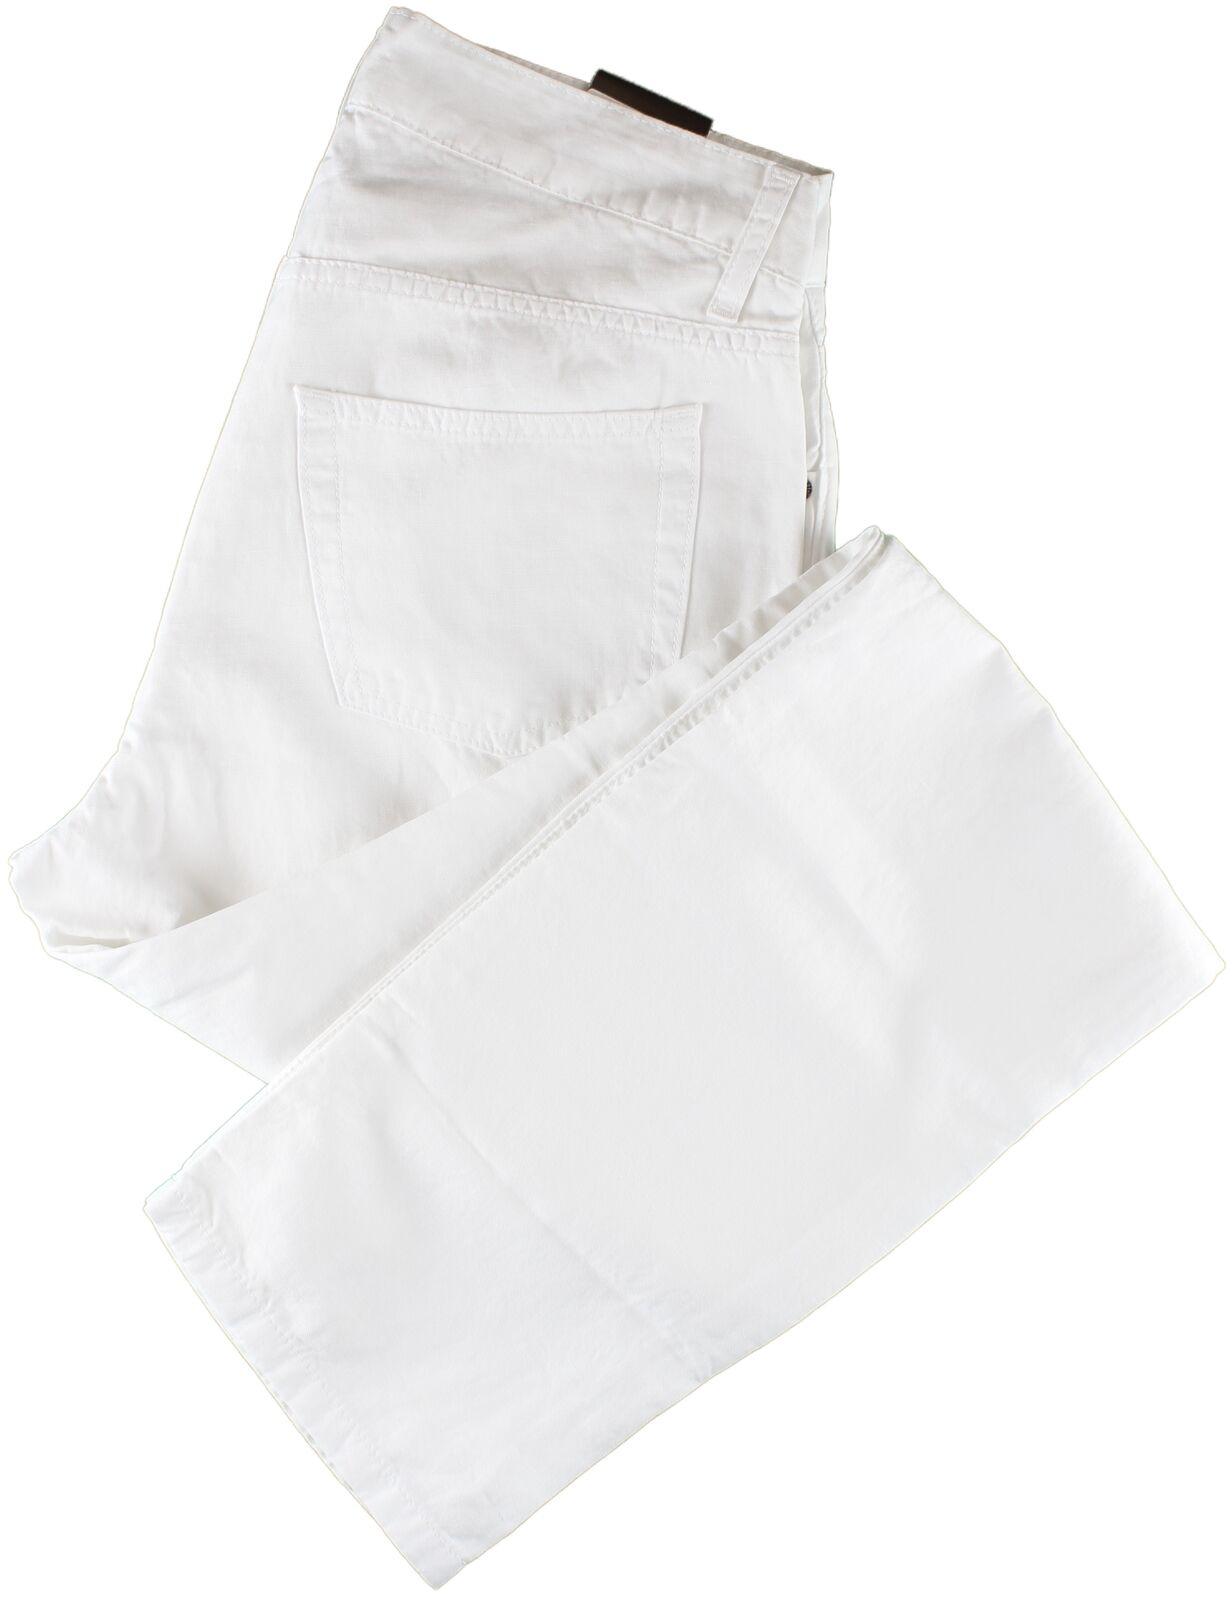 Nuevo con etiquetas Eidos  por Isaia blancoo Pantalones Informales Algodón Lino Italia 33  el mejor servicio post-venta